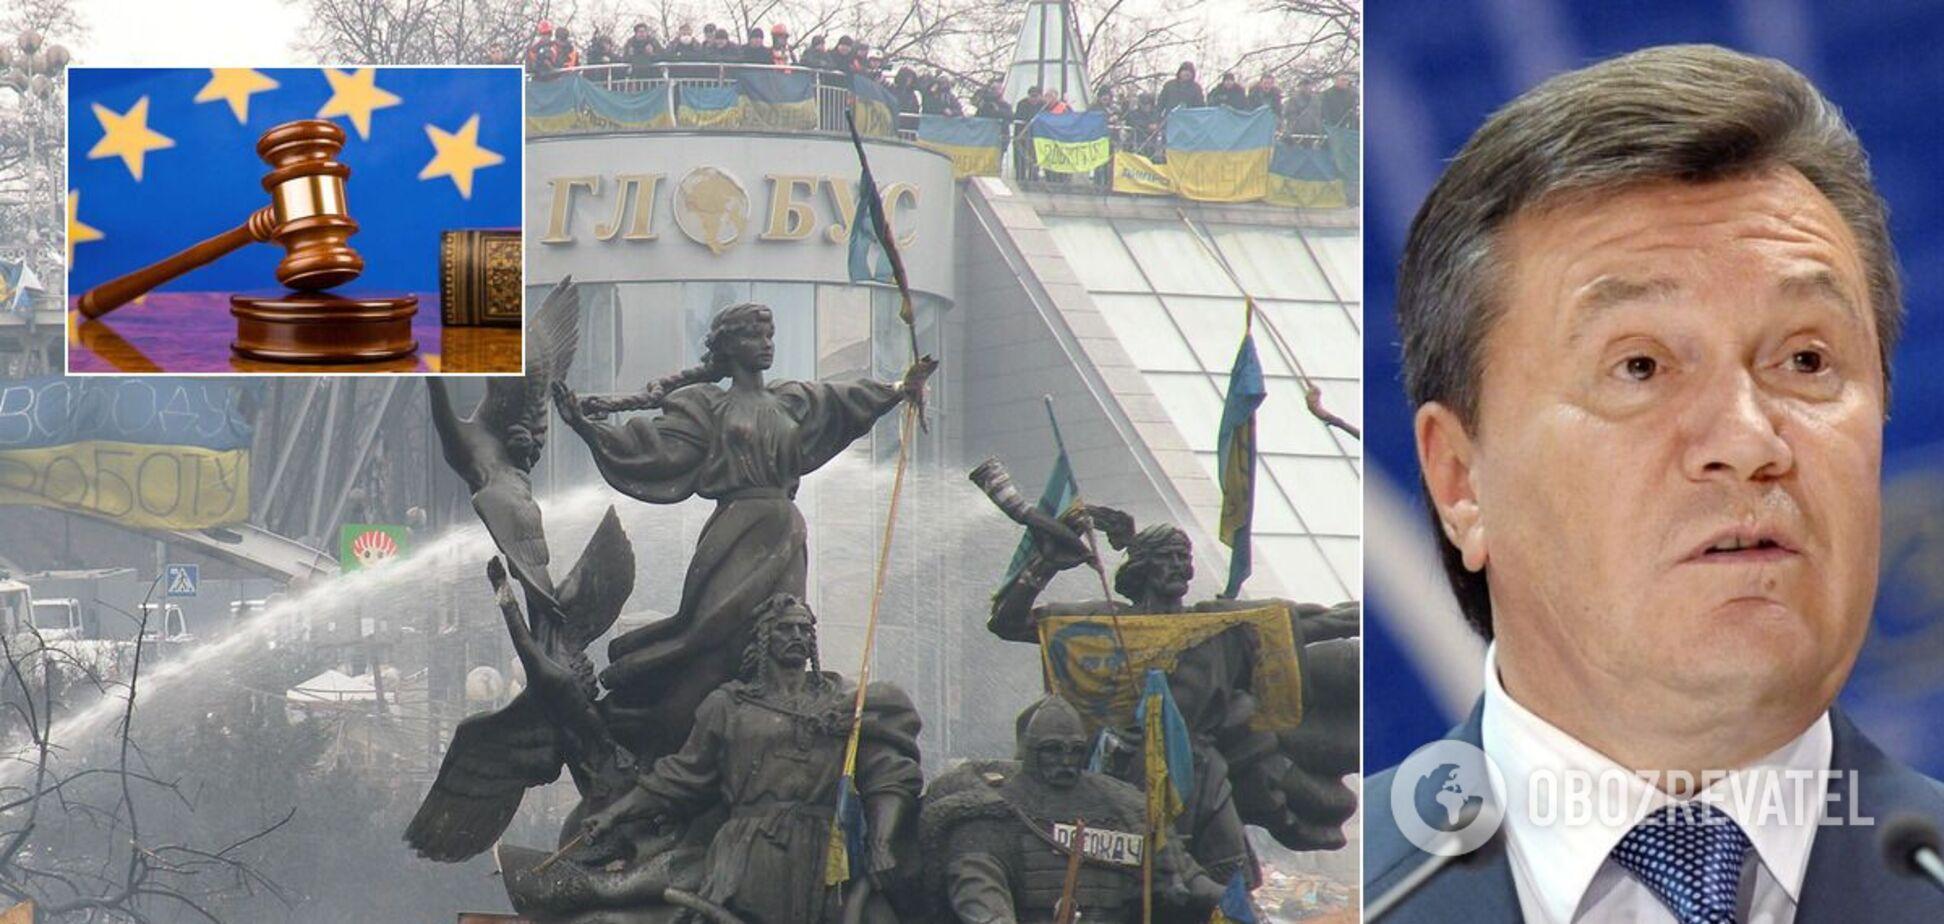 ЕСПЧ принял решение об ответственности пособников Януковича за преступления на Майдане